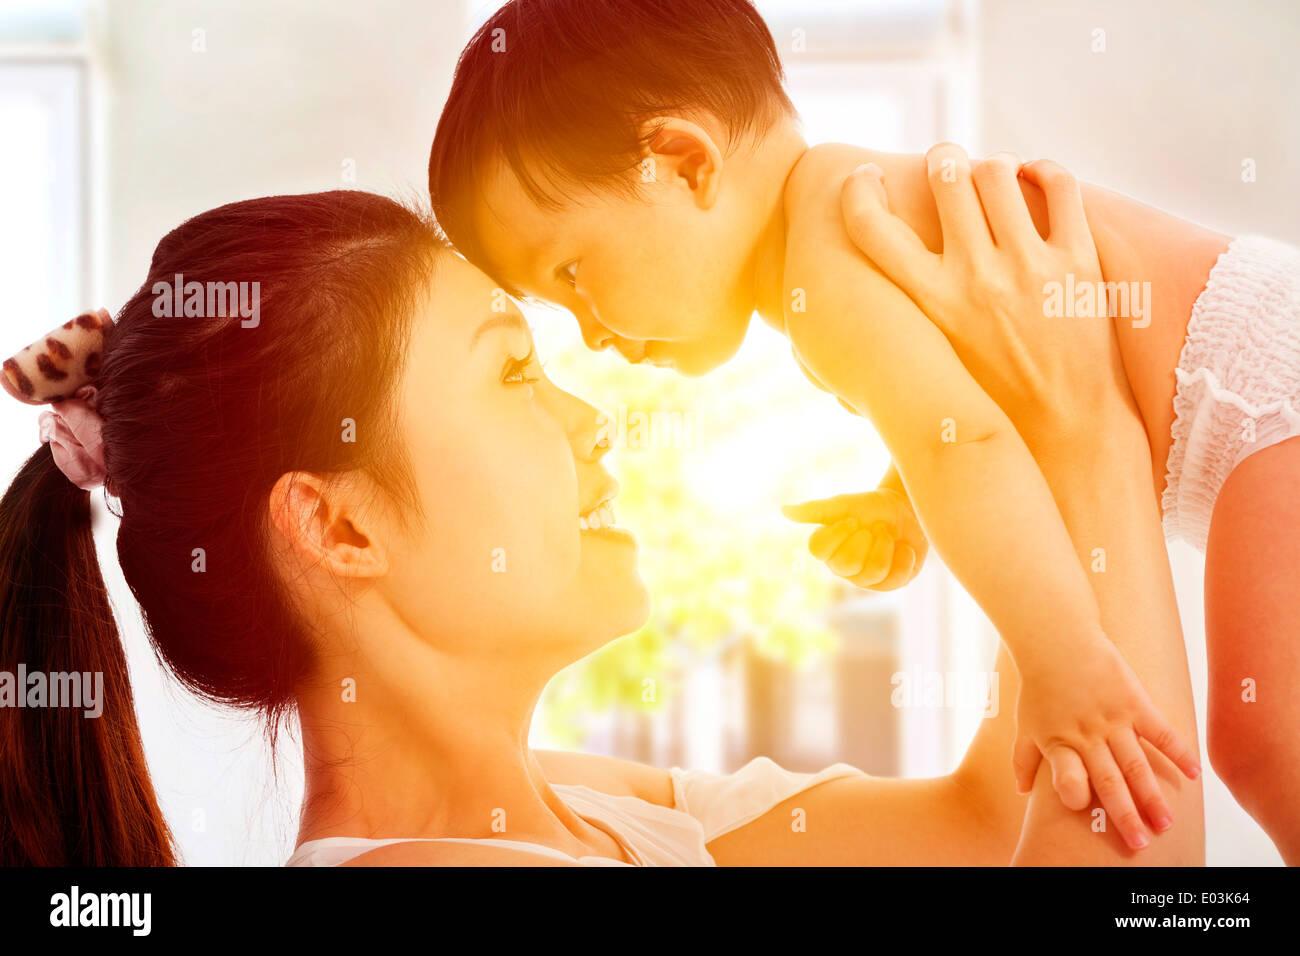 Feliz mãe exploração adorável criança bebé com fundo sunrise Imagens de Stock